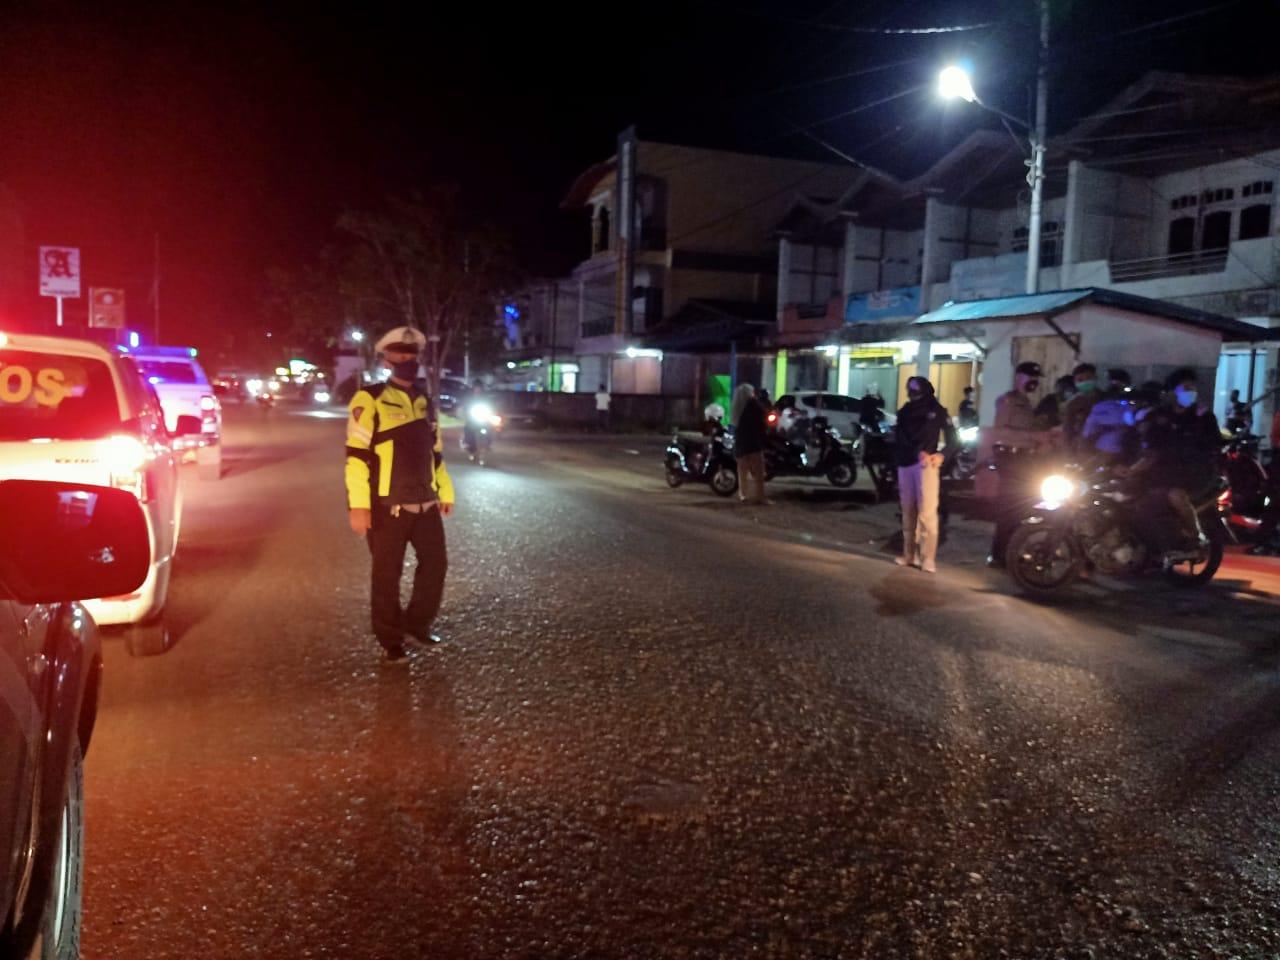 Satlantas Ketapang Guna cegah kiriminalitas jalanan pada malam hari